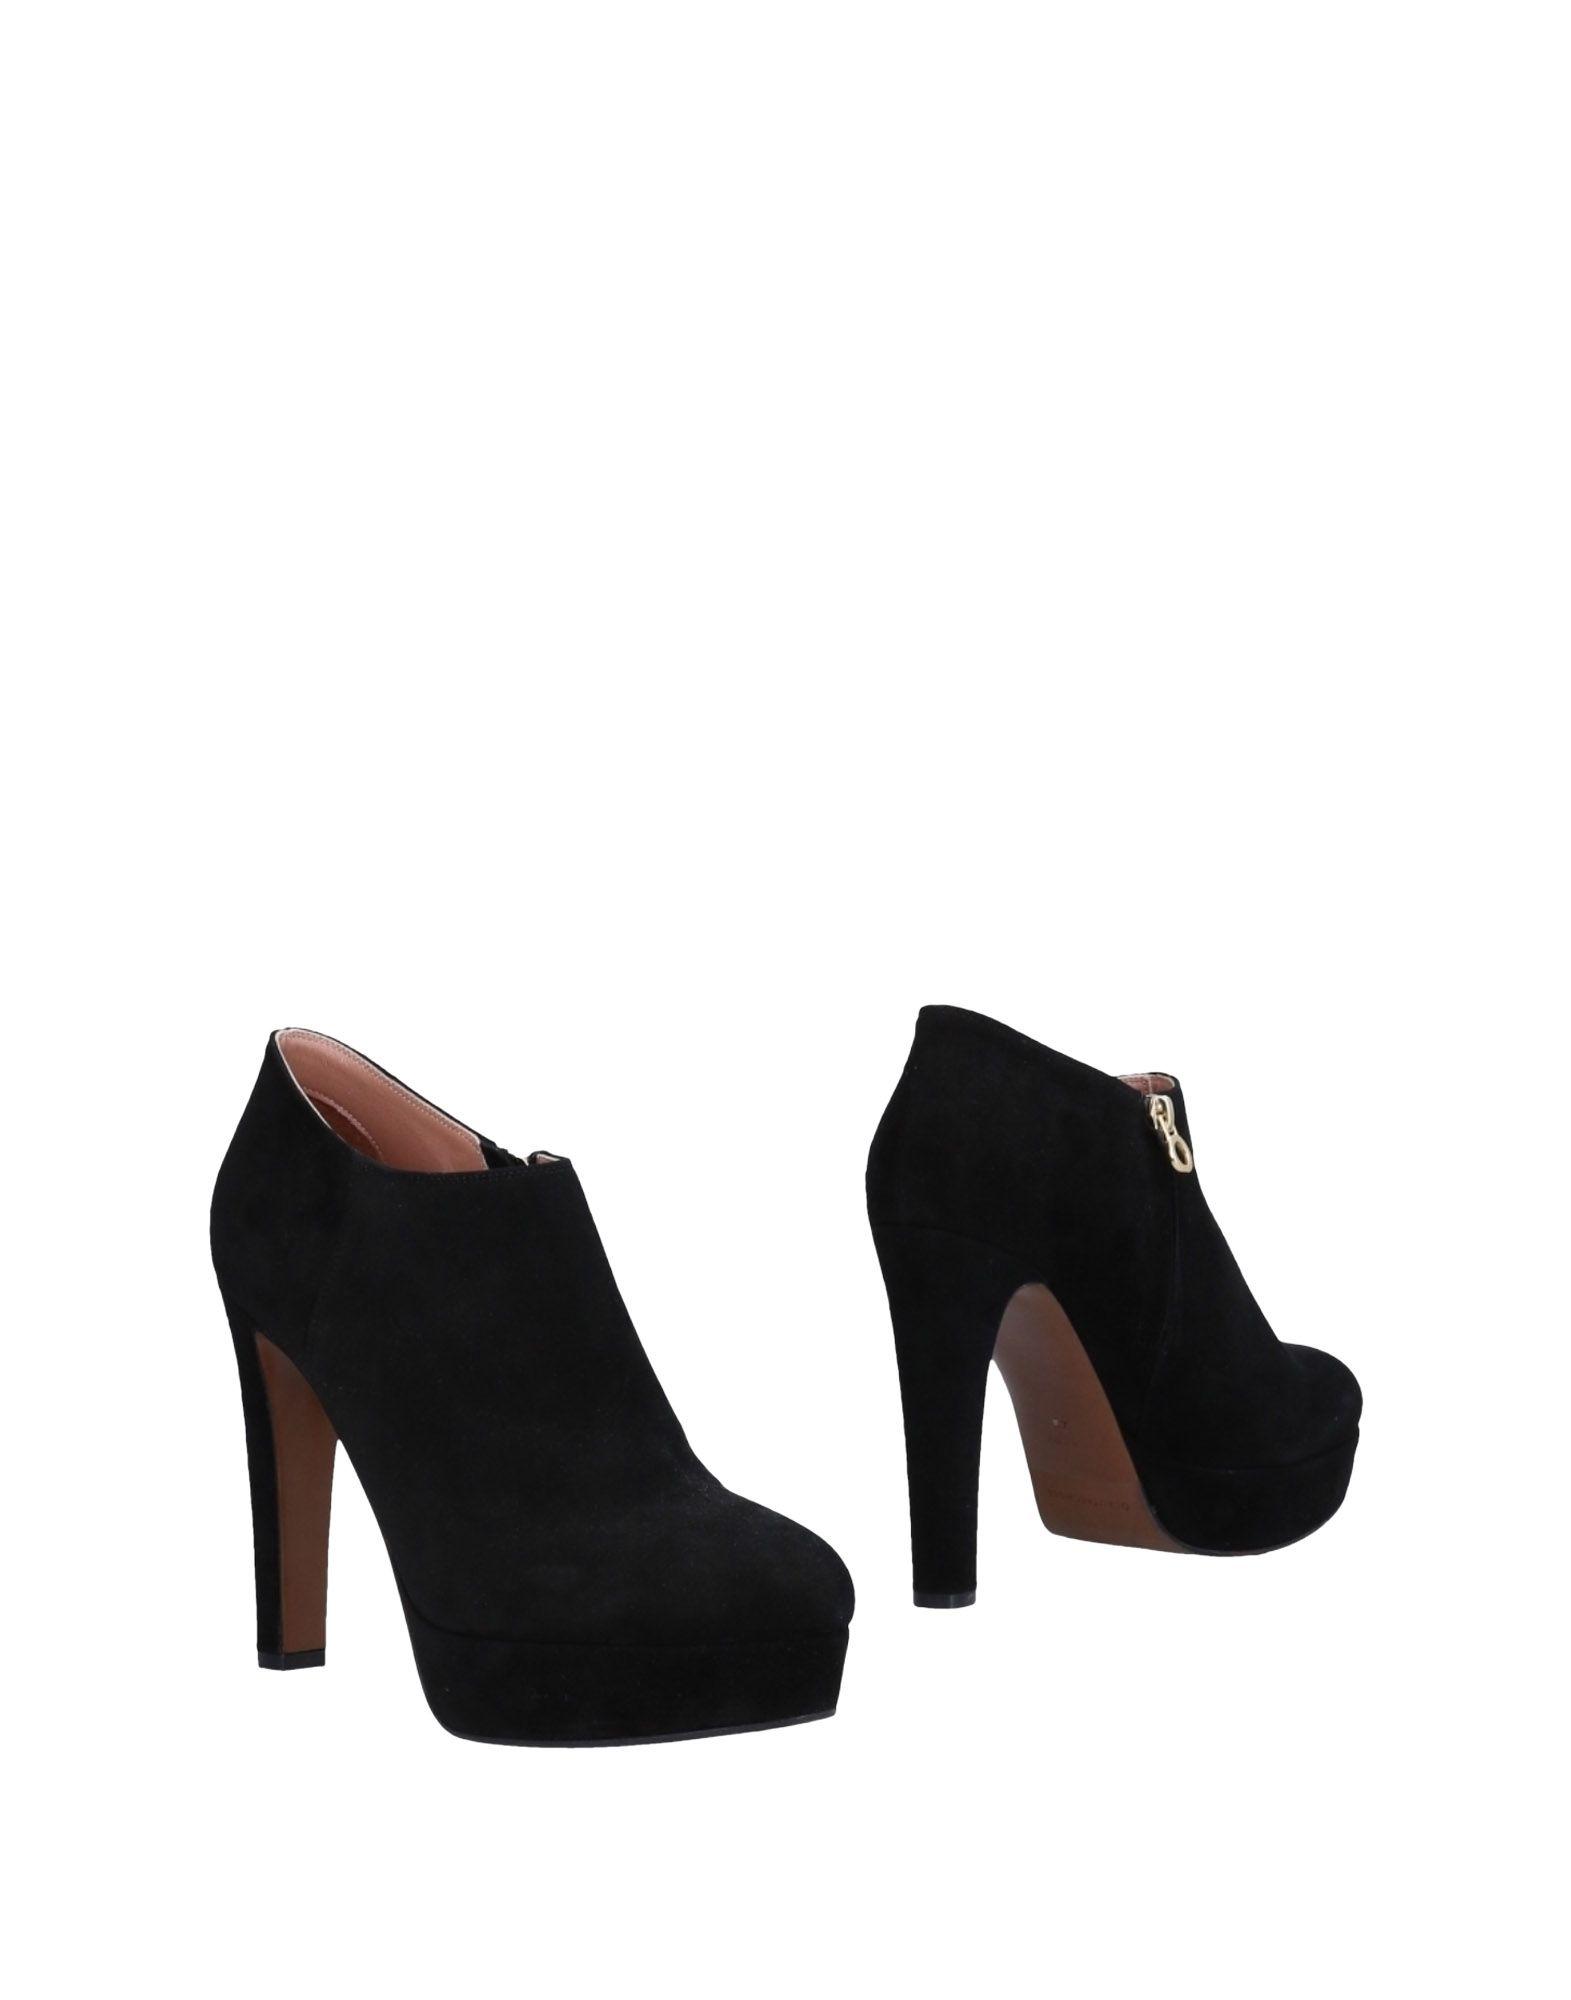 Stilvolle billige Schuhe Damen L' Autre Chose Stiefelette Damen Schuhe  11488744CJ b1c9e5